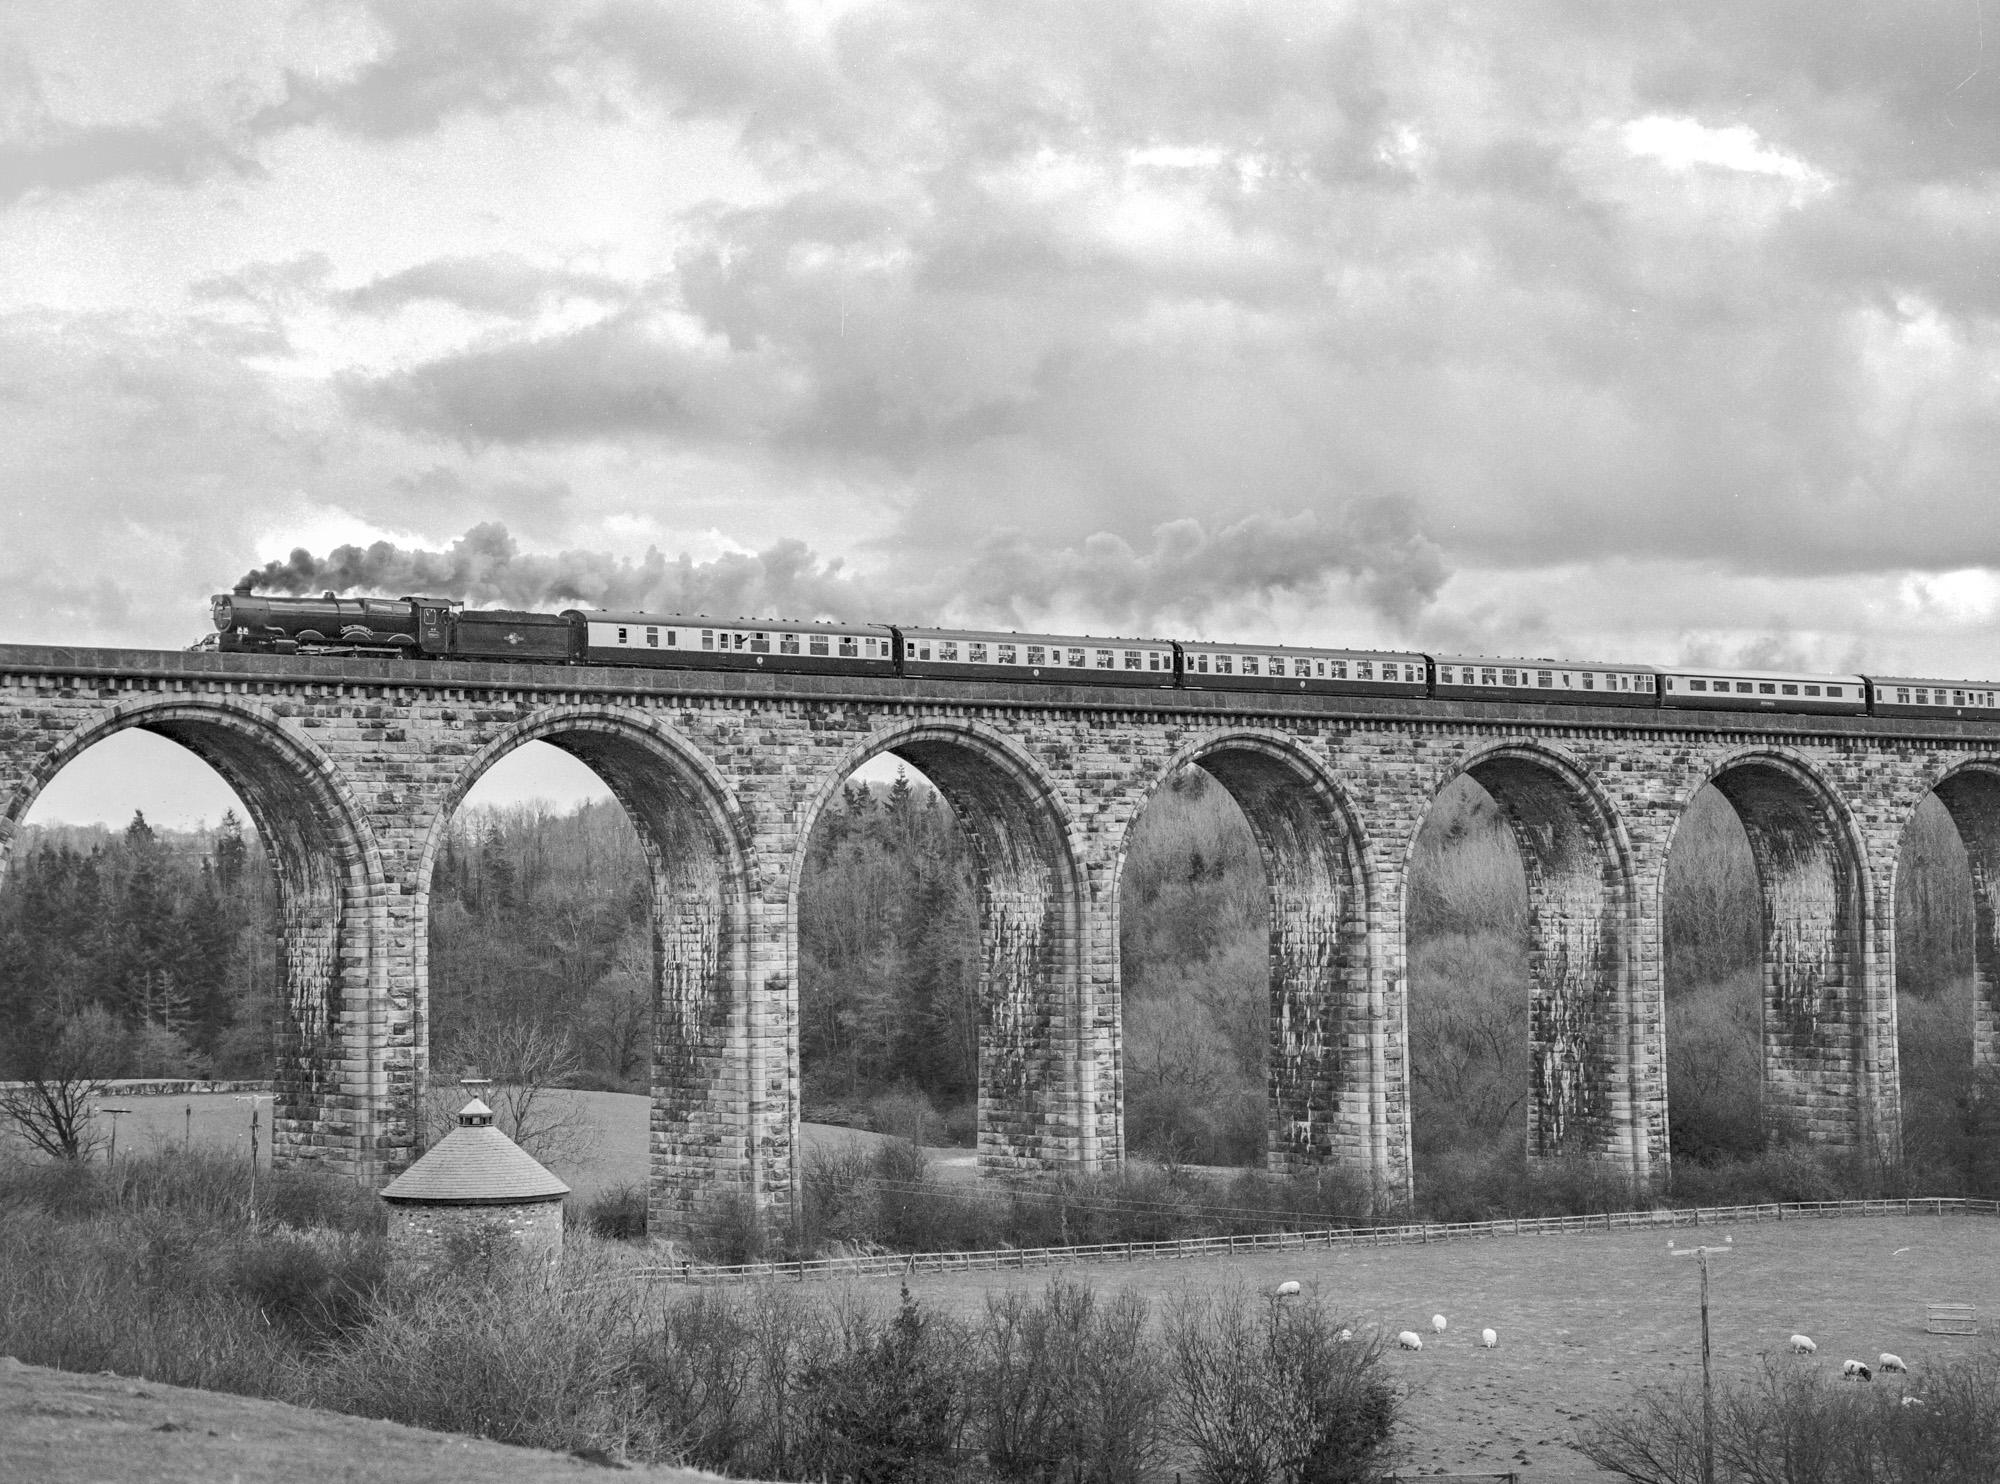 No. 6024 crosses Cefn Mawr viaduct, 21 February 1998. © Martyn Bane